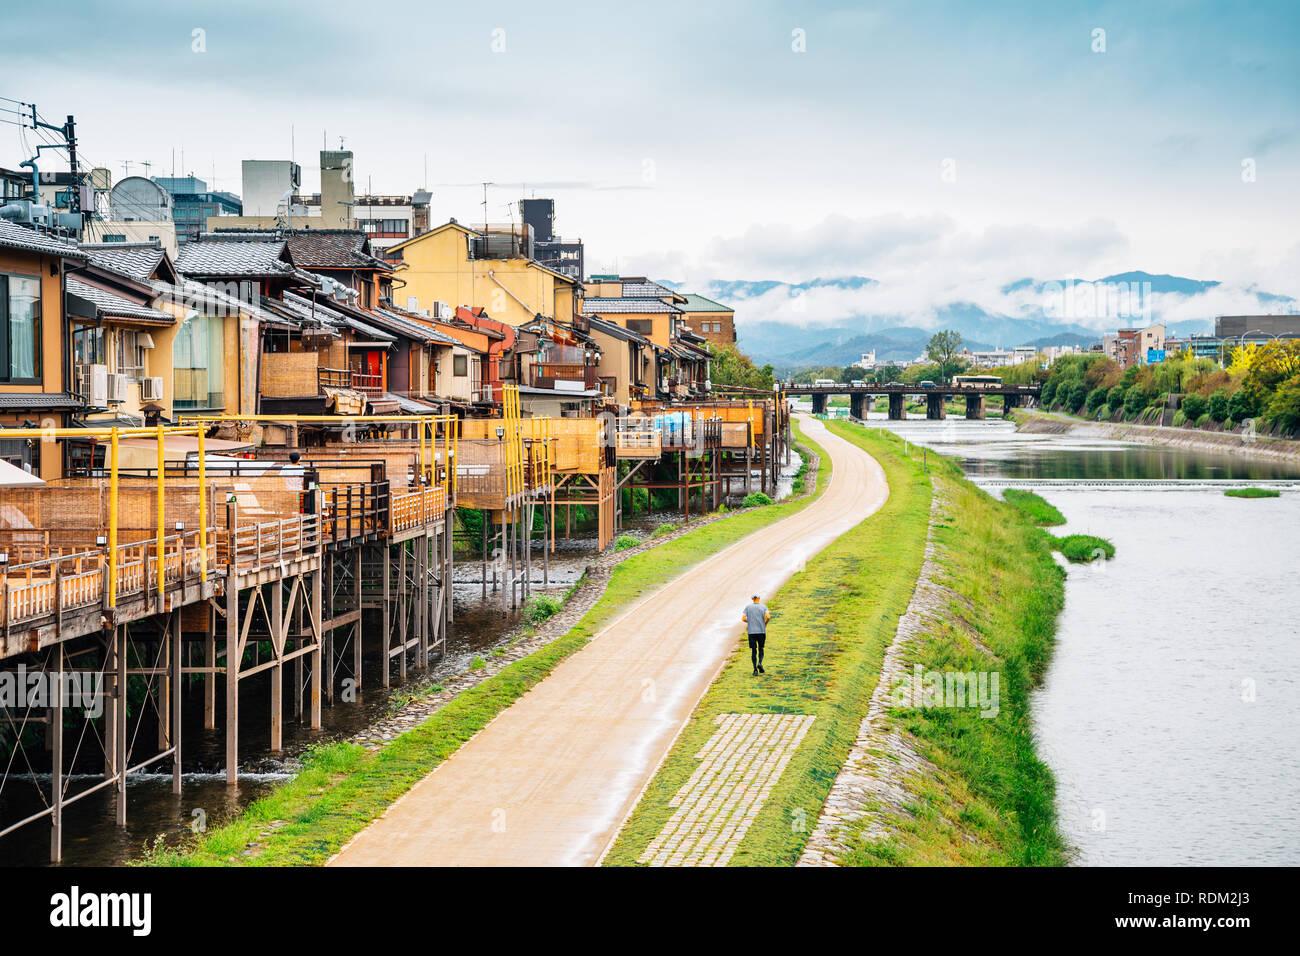 Pontocho antiguo restaurante y el río Kamo en Kyoto, Japón Foto de stock